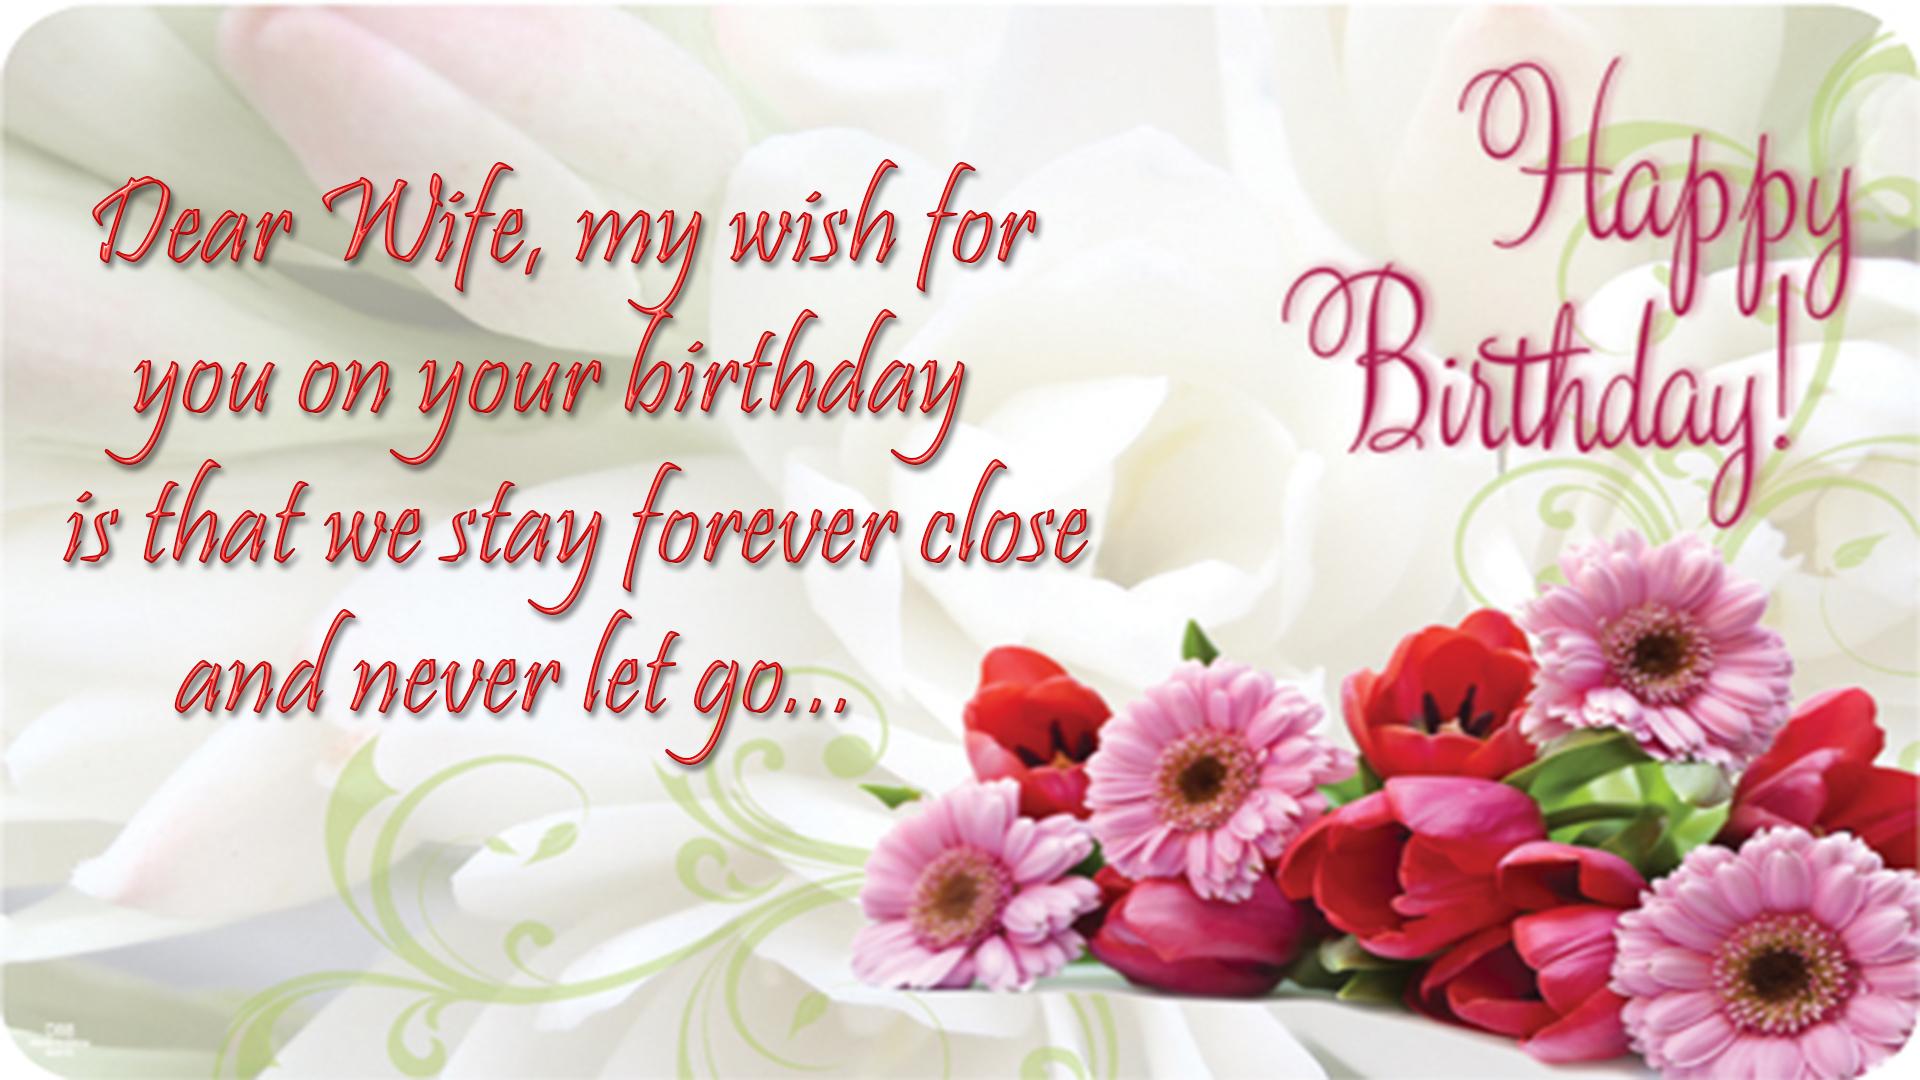 Happy birthday wife birthday wishes for wife images free download birthday wishes for wife image izmirmasajfo